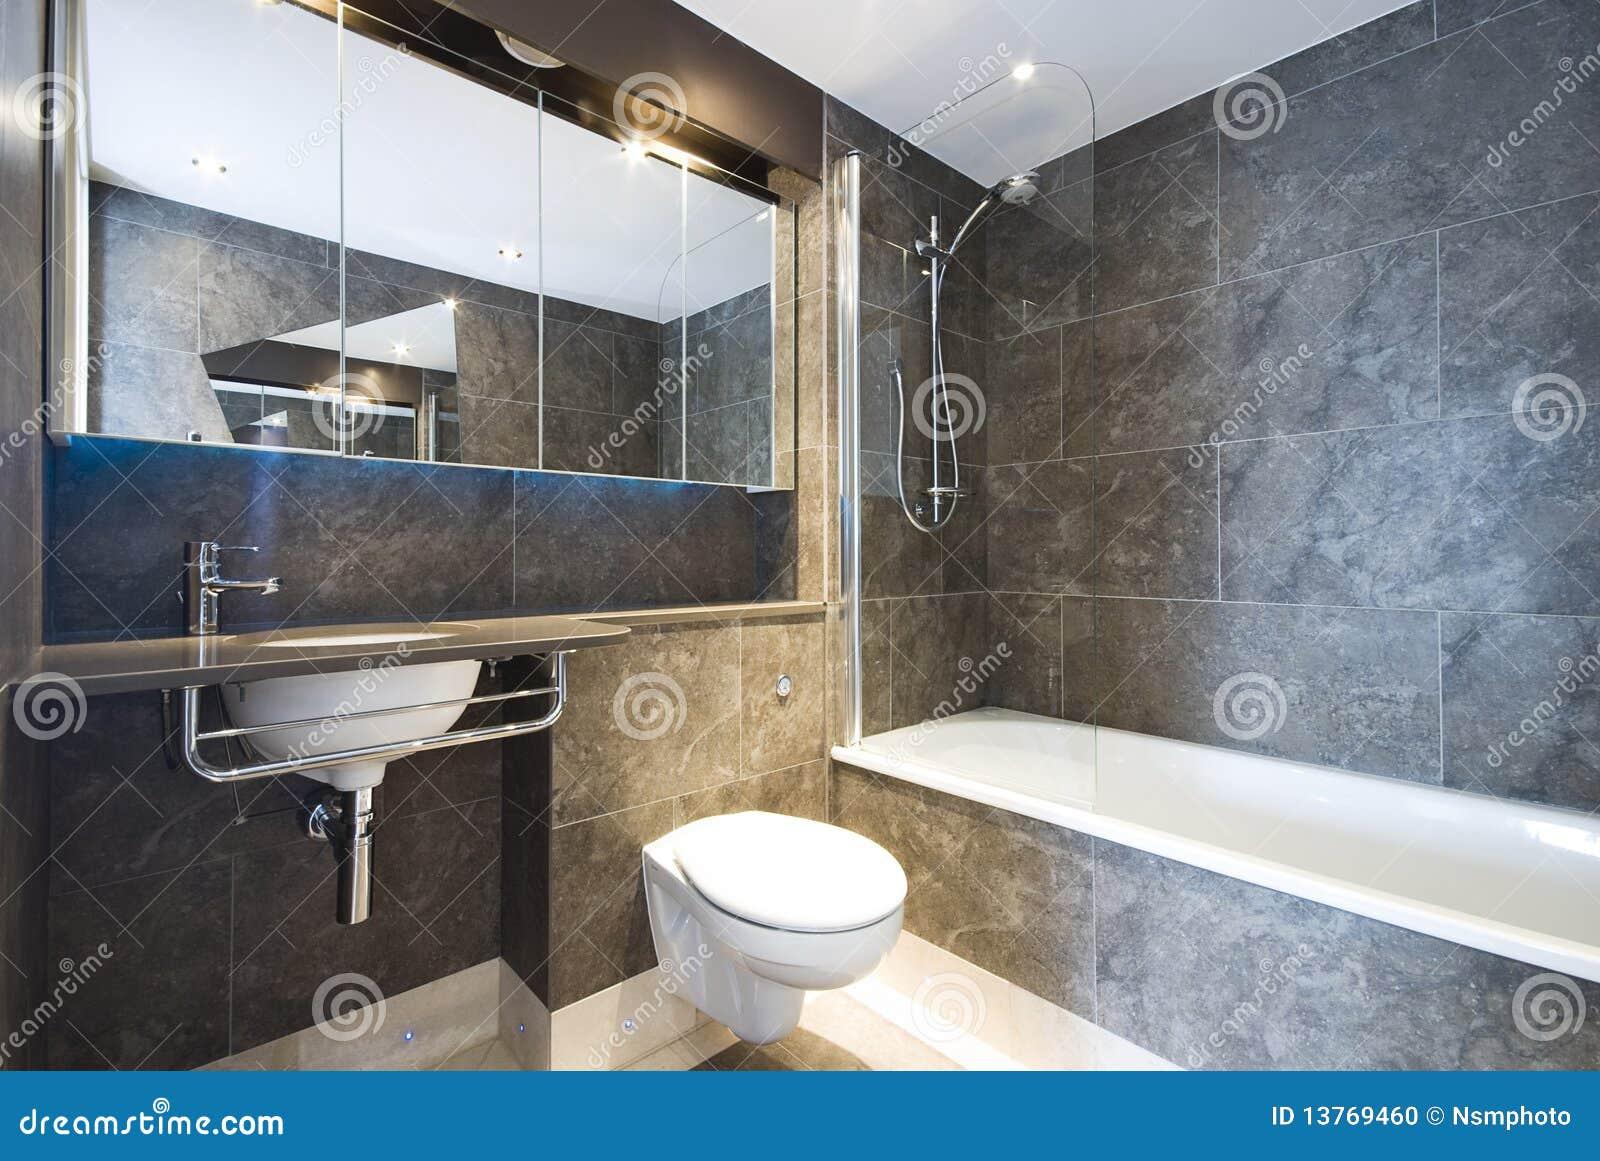 Banheiro de mármore moderno com a grande cuba de banho